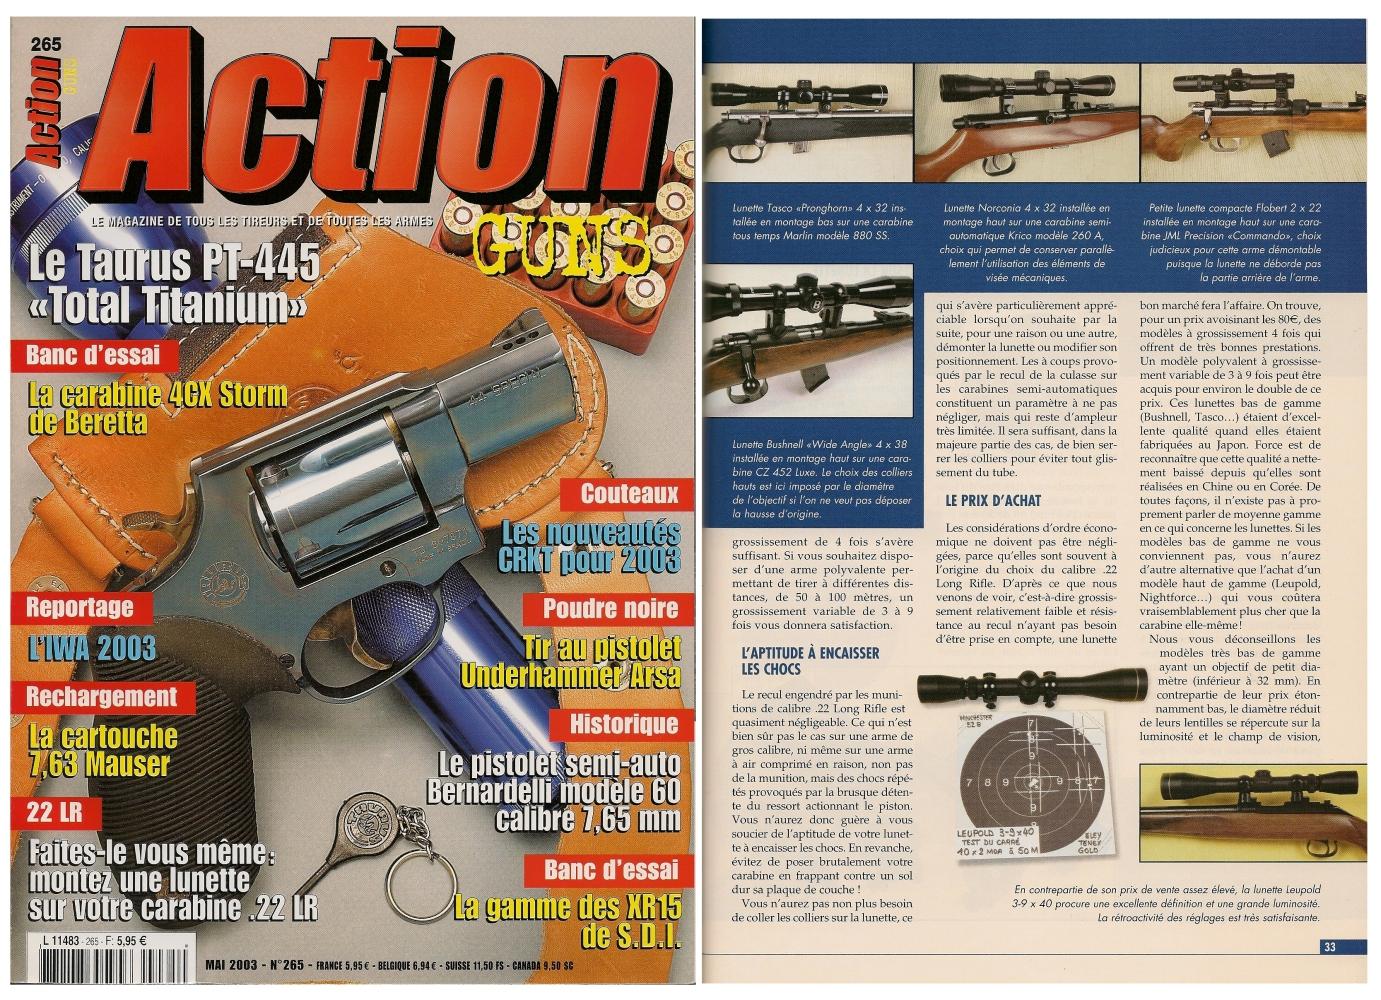 Le banc d'essai des lunettes de tir a été publié sur 5 pages Dans le magazine Action Guns n° 265 (mai 2003).